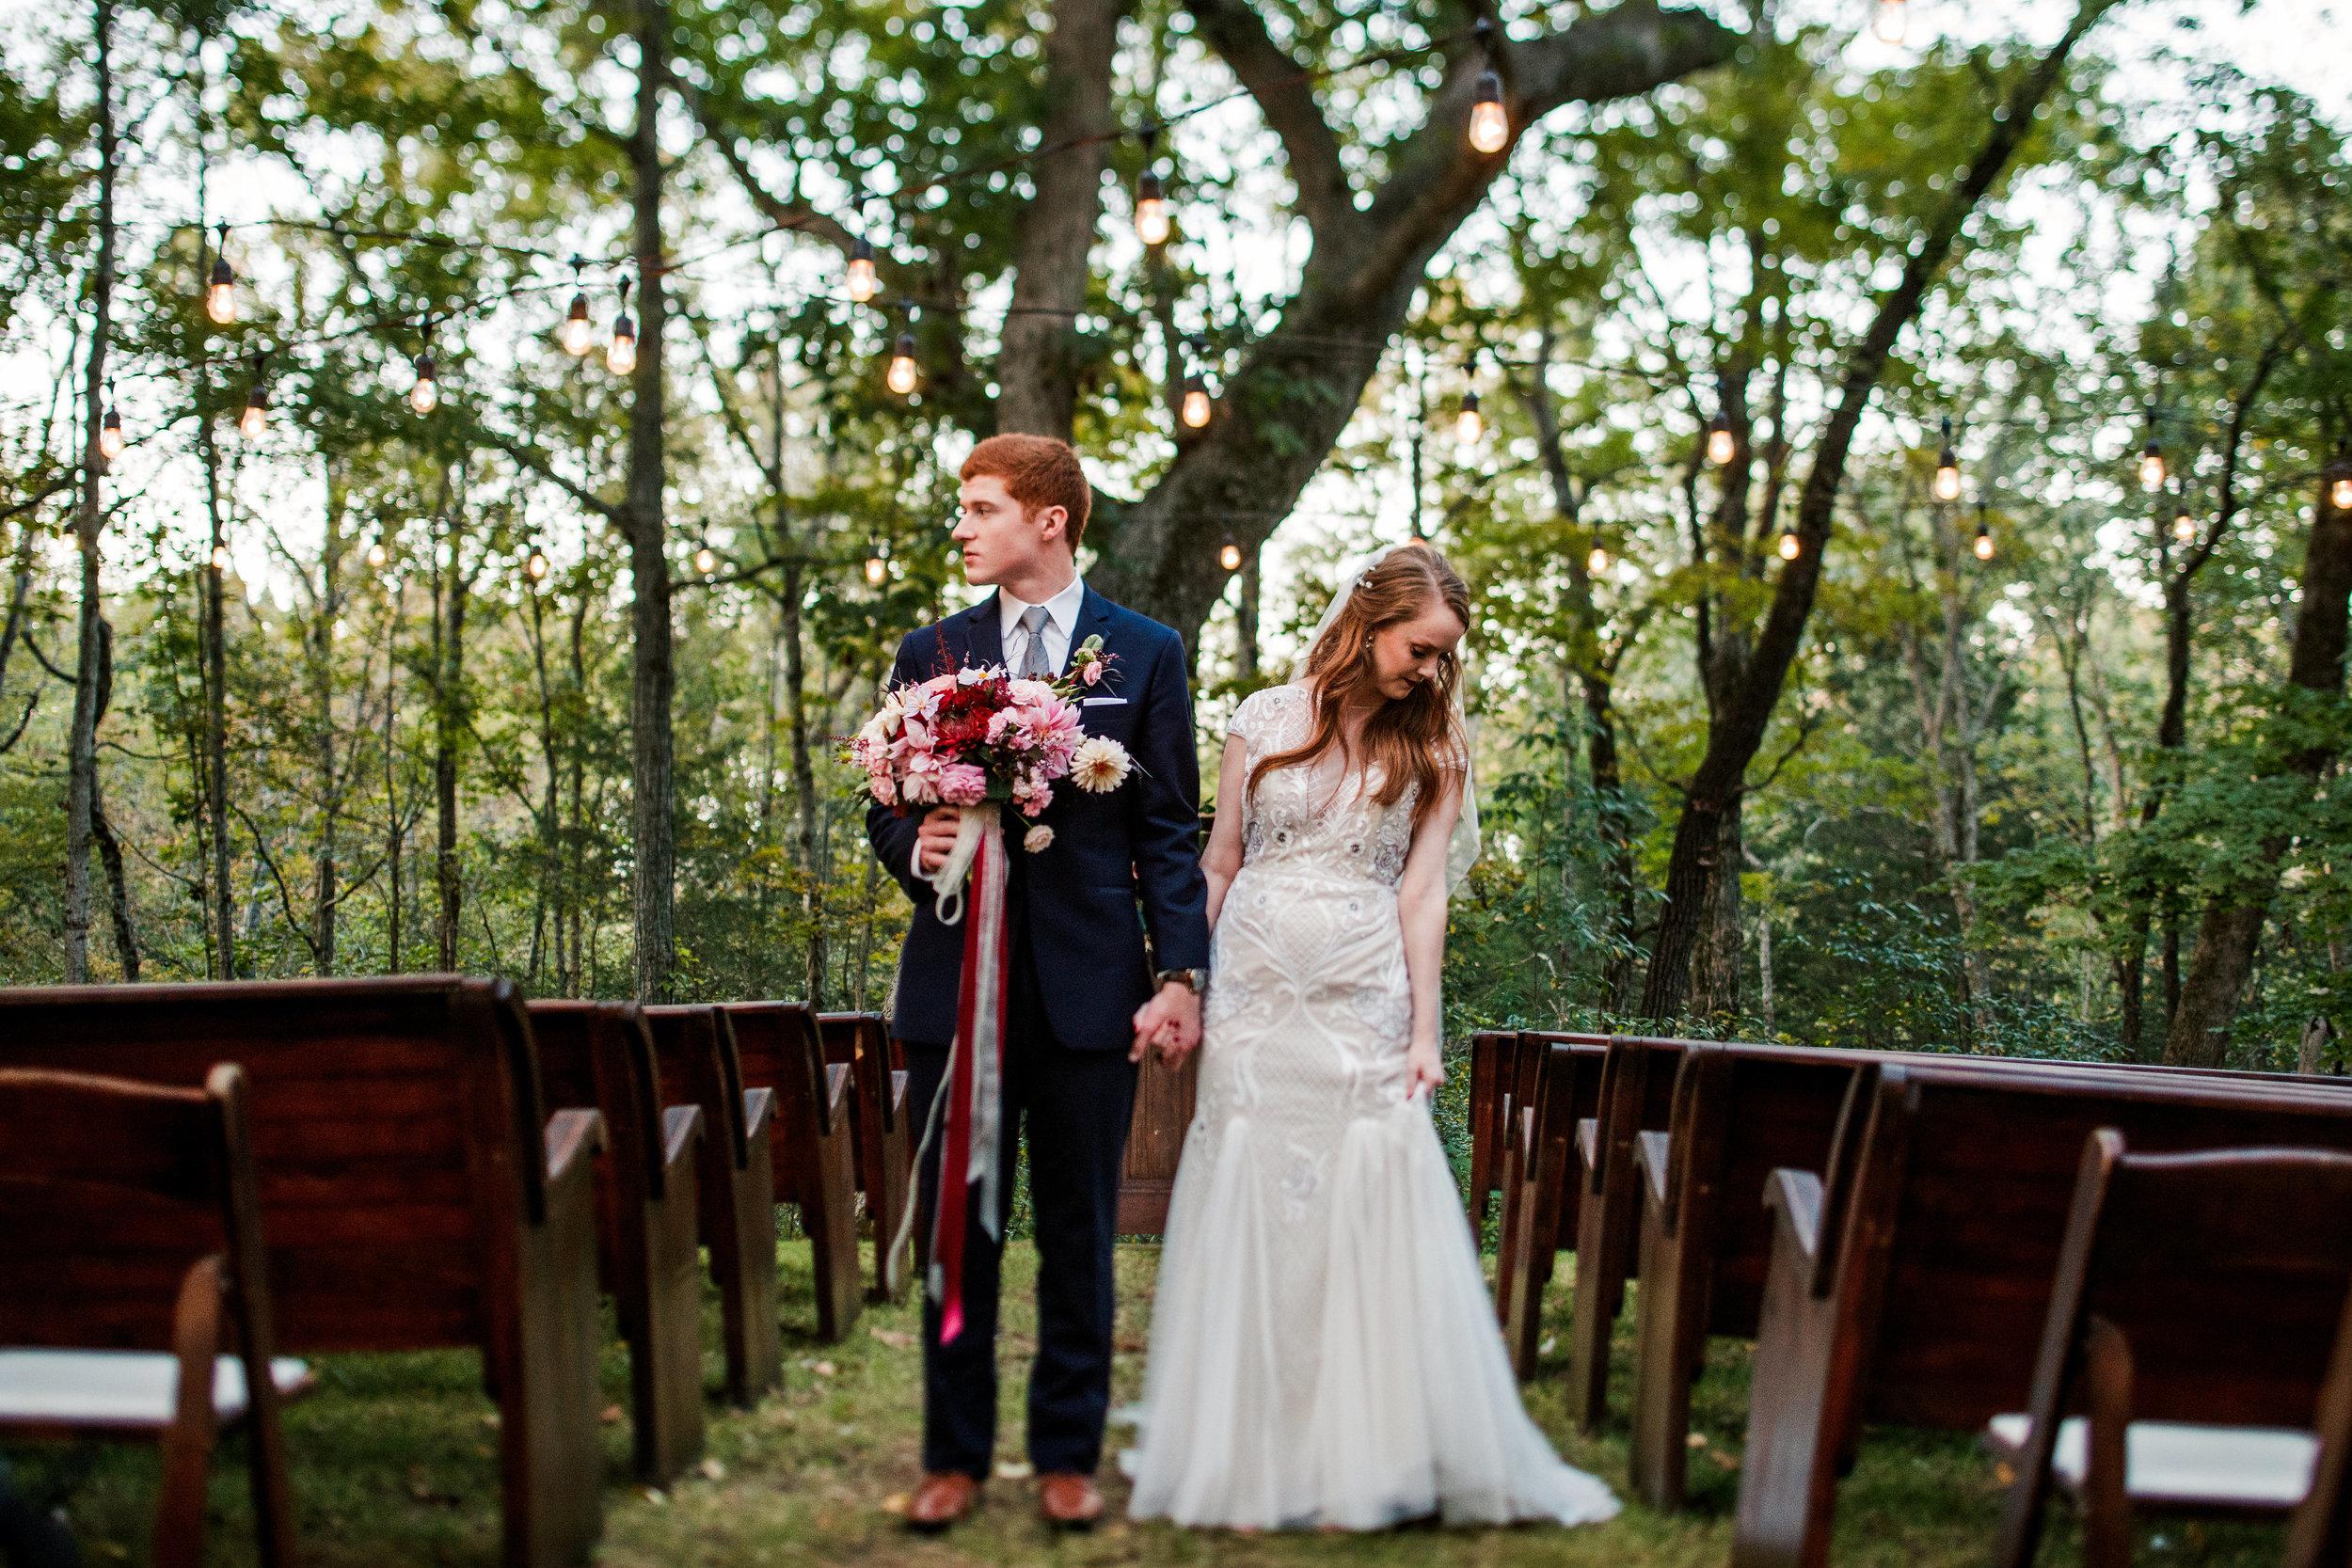 Wrens-Nest-Wedding-Murfreesboro-TN 39.jpg